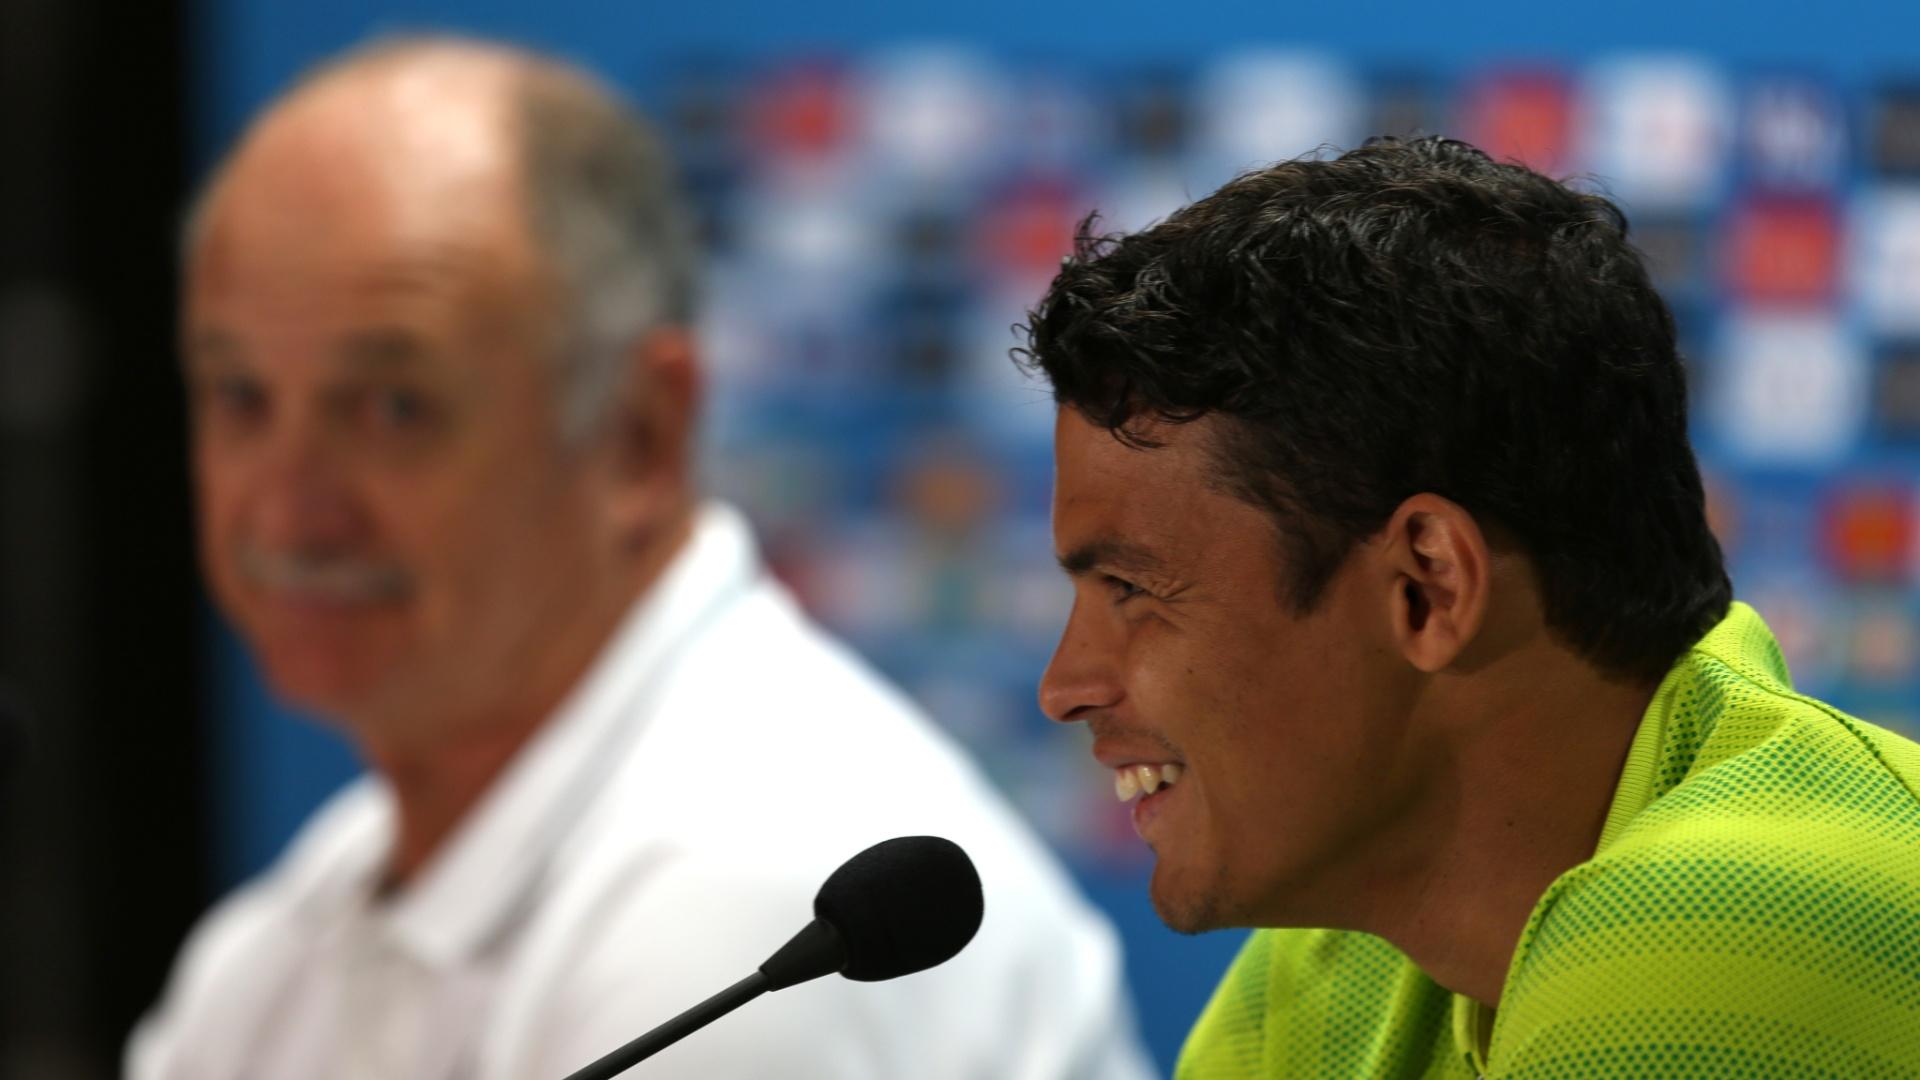 27.jun.2014 - Thiago Silva sorri durante entrevista coletiva no Mineirão, palco do jogo contra o Chile pelas oitavas de final no próximo sábado (28/06)